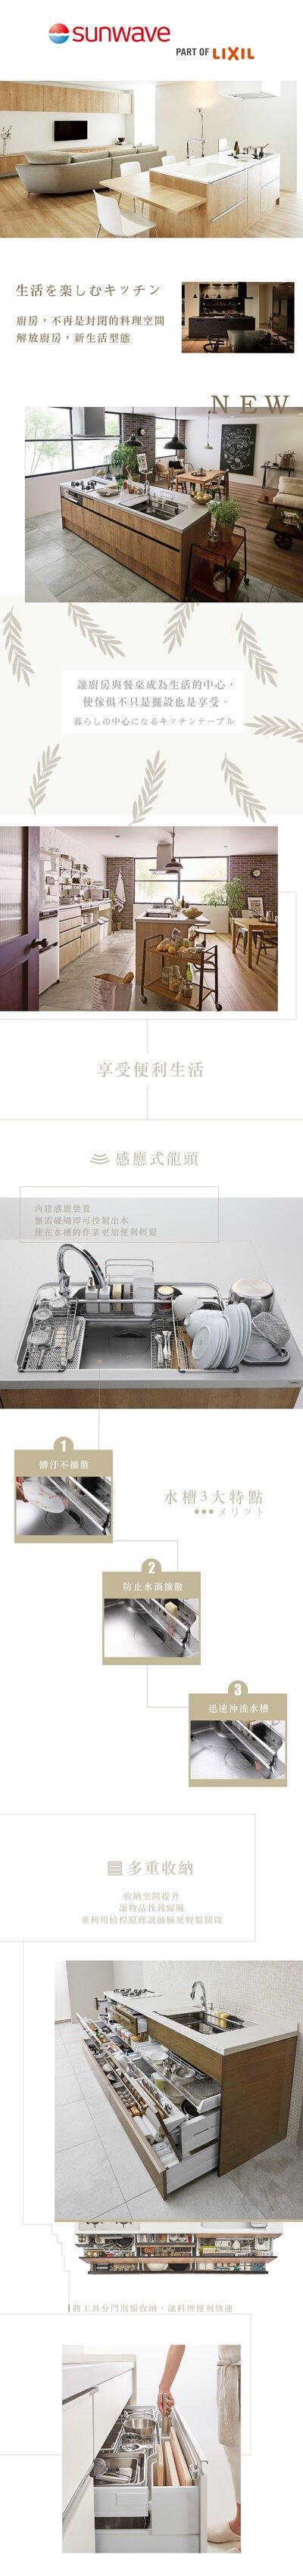 LIXIL,SUNWAVE廚具,生活廚具,中島型廚房,半島型廚房